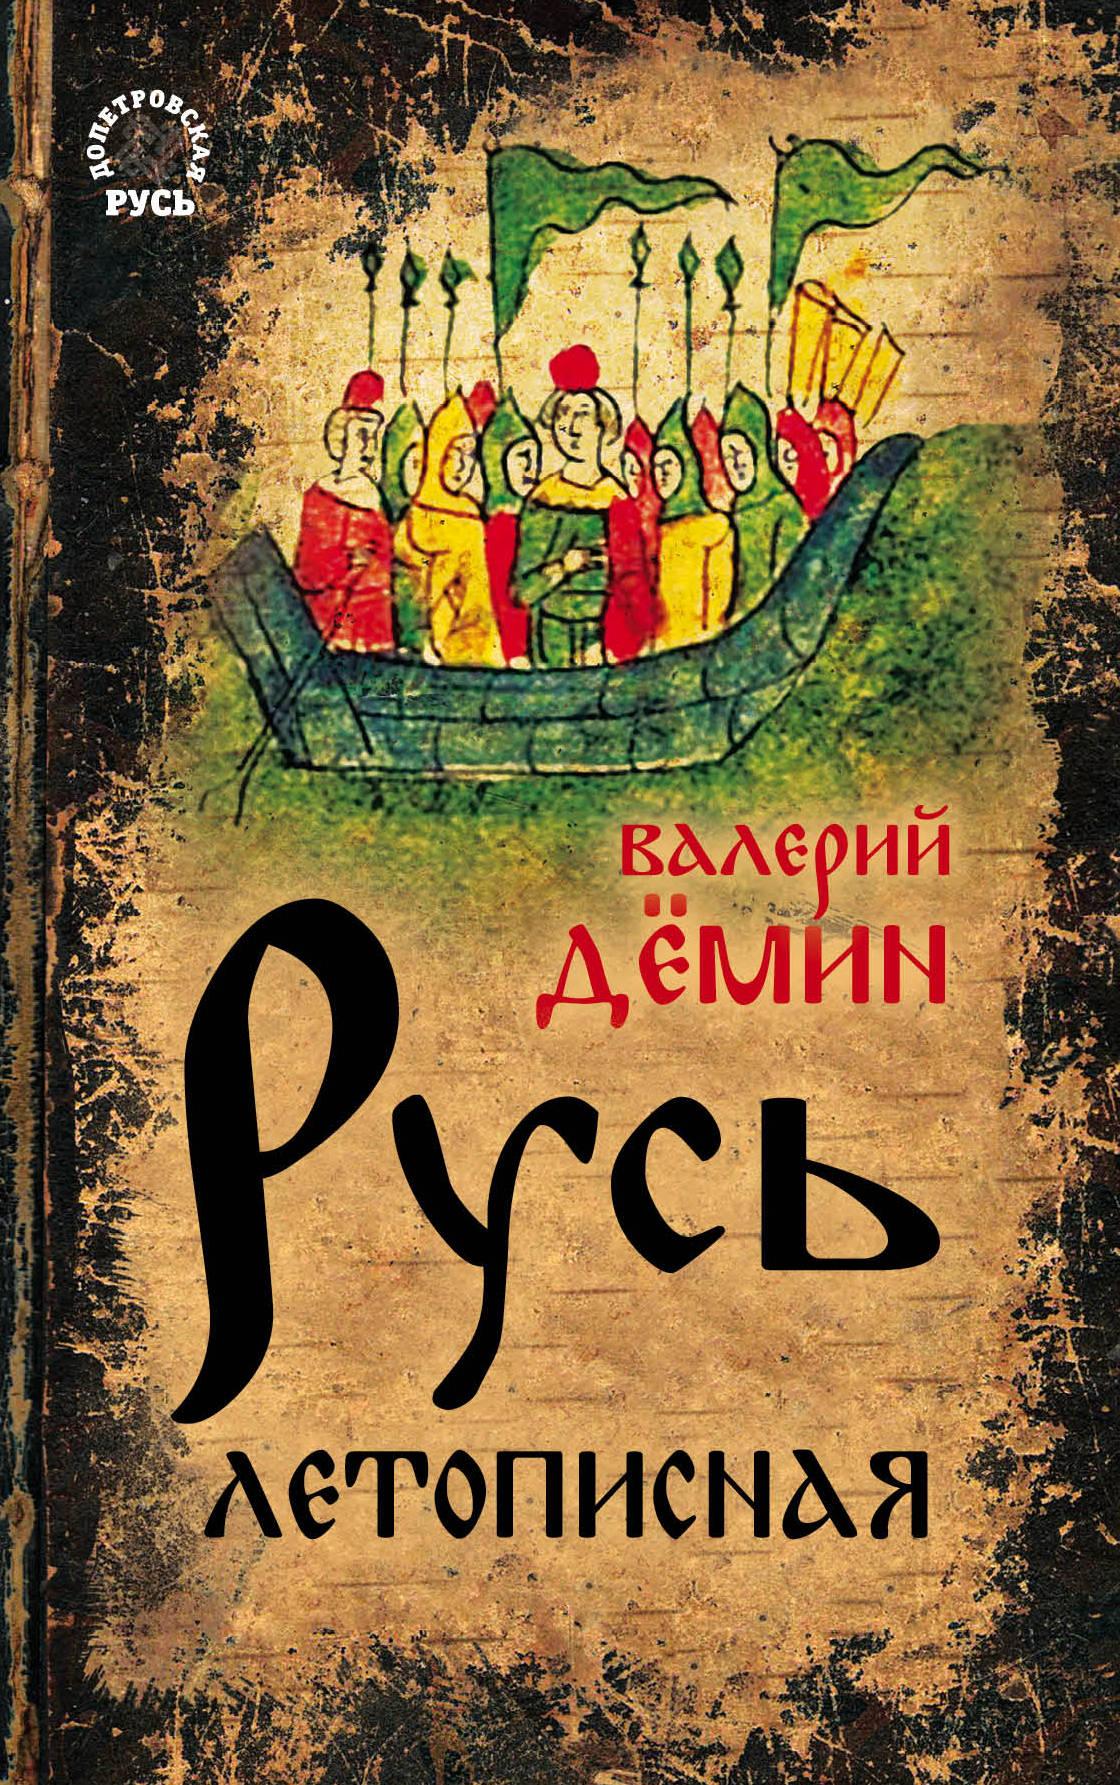 Демин Валерий Никитич Русь летописная ISBN: 978-5-907024-26-7